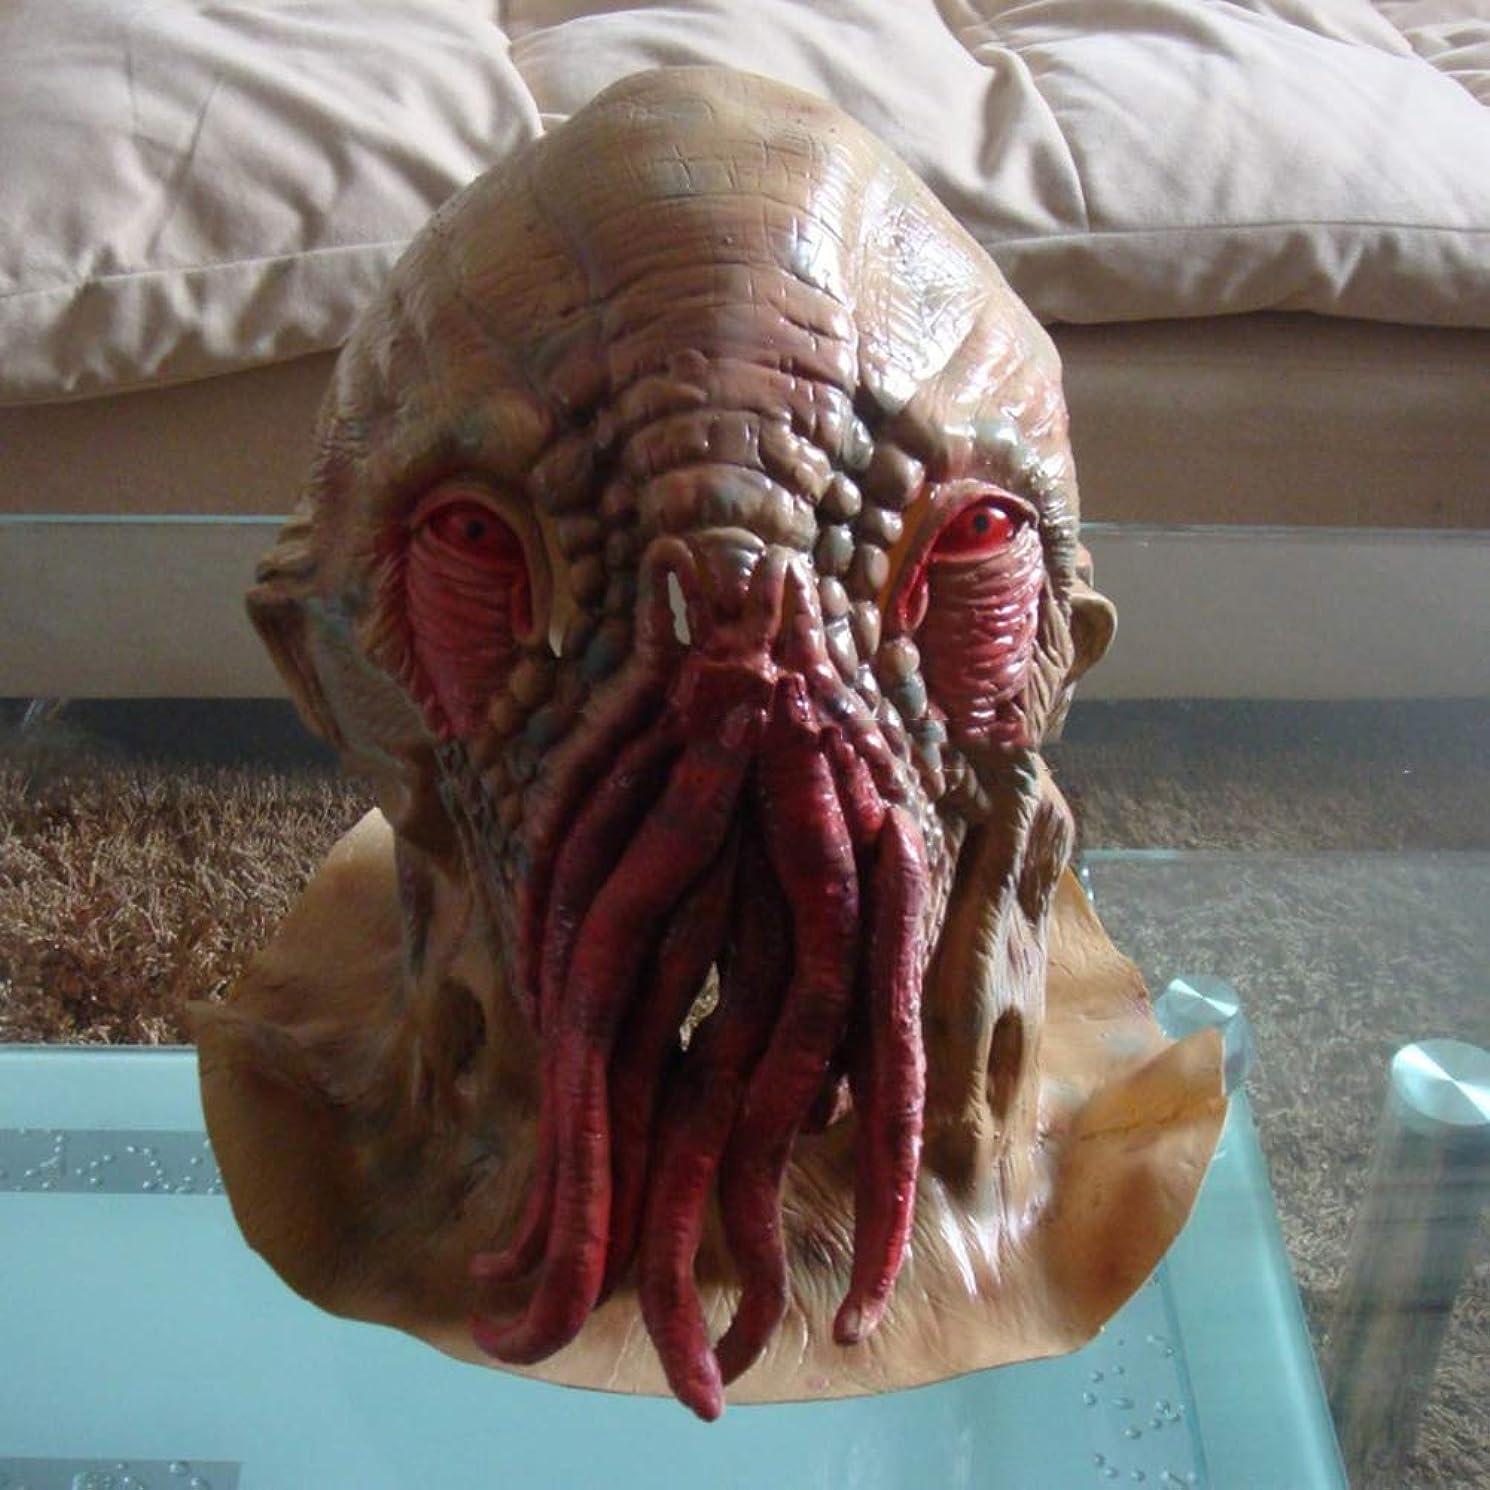 住所受ける病気のハロウィーンホラーマスク、神秘的な動物の頭のマスク、創造的な面白い Vizard マスク、パーティー仮装ラテックスマスク